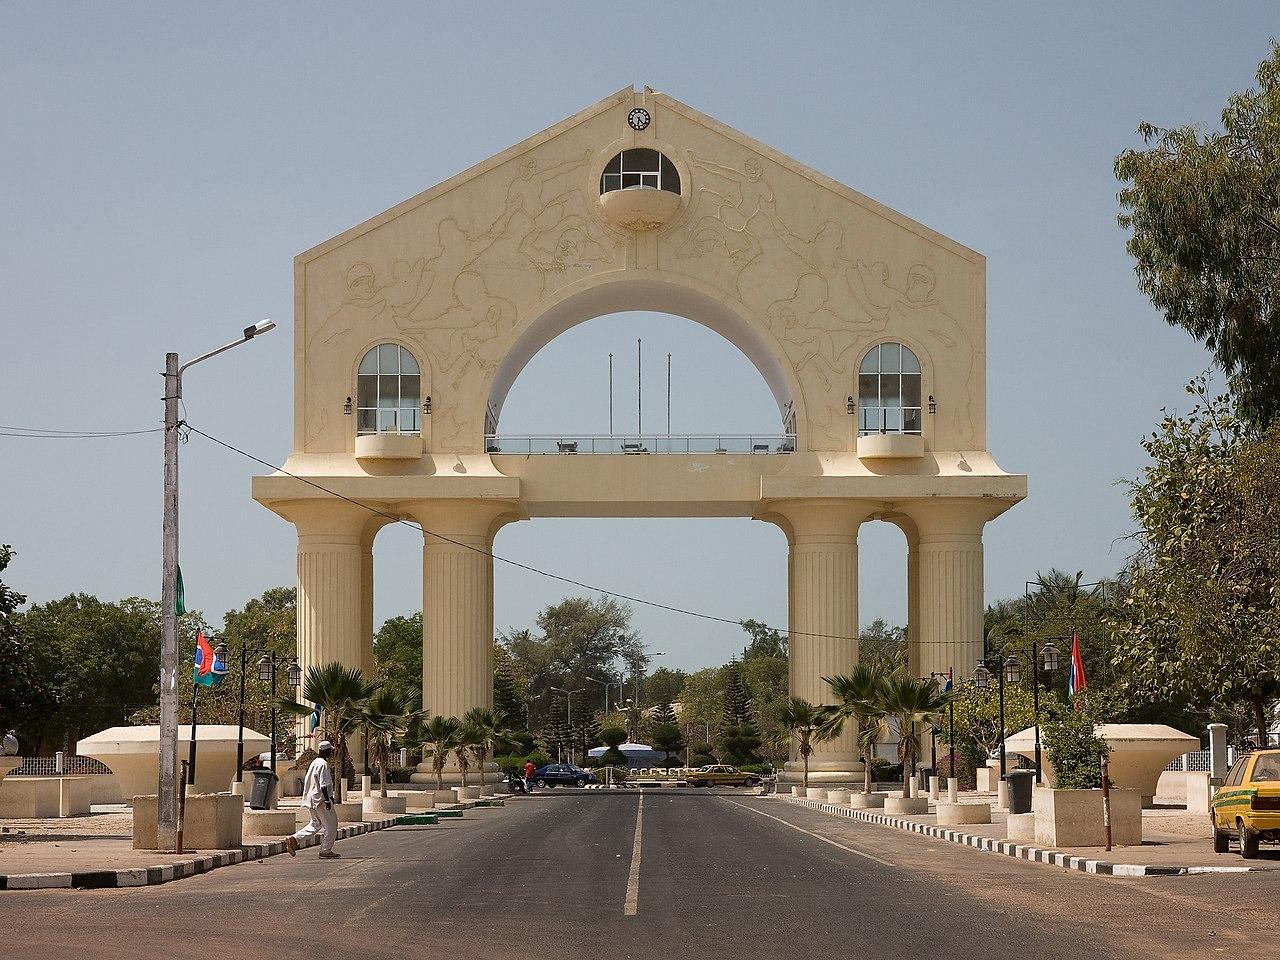 Monumen Arch 22 yang dibangun untuk memperingati kudeta tahun 1994.